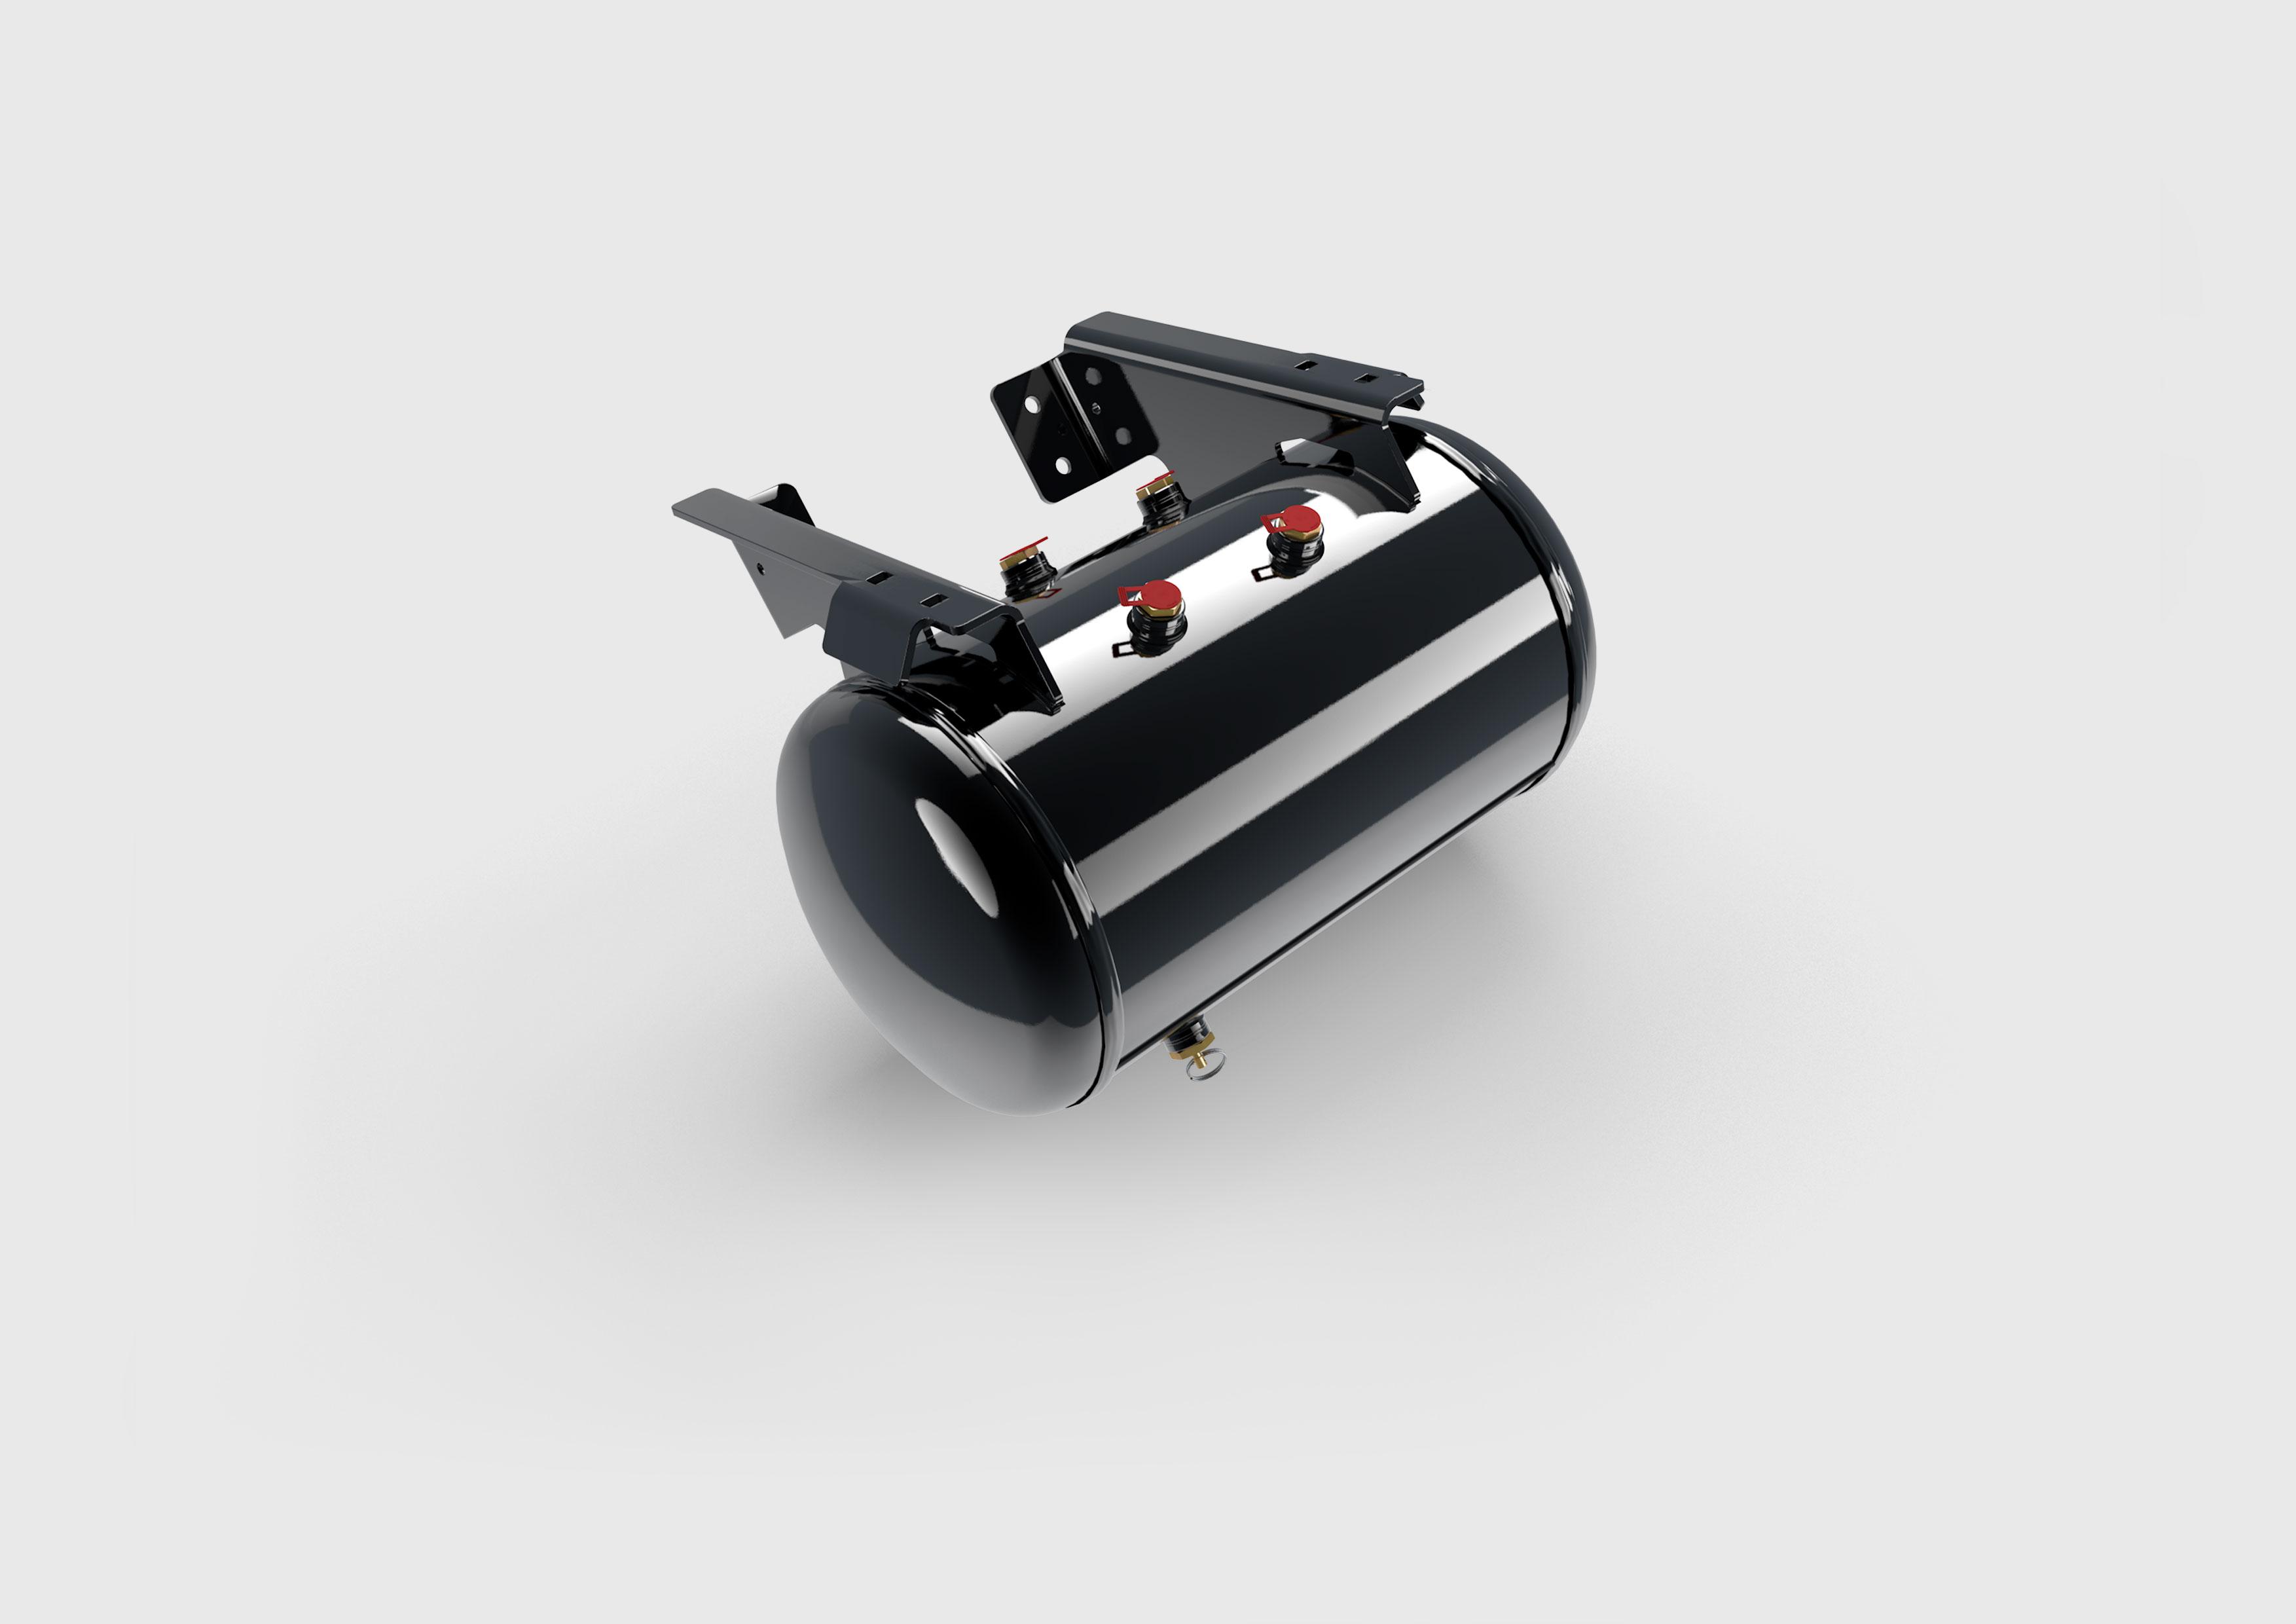 3D Produktvisualisierung Druckluftbehälter aus Stahl